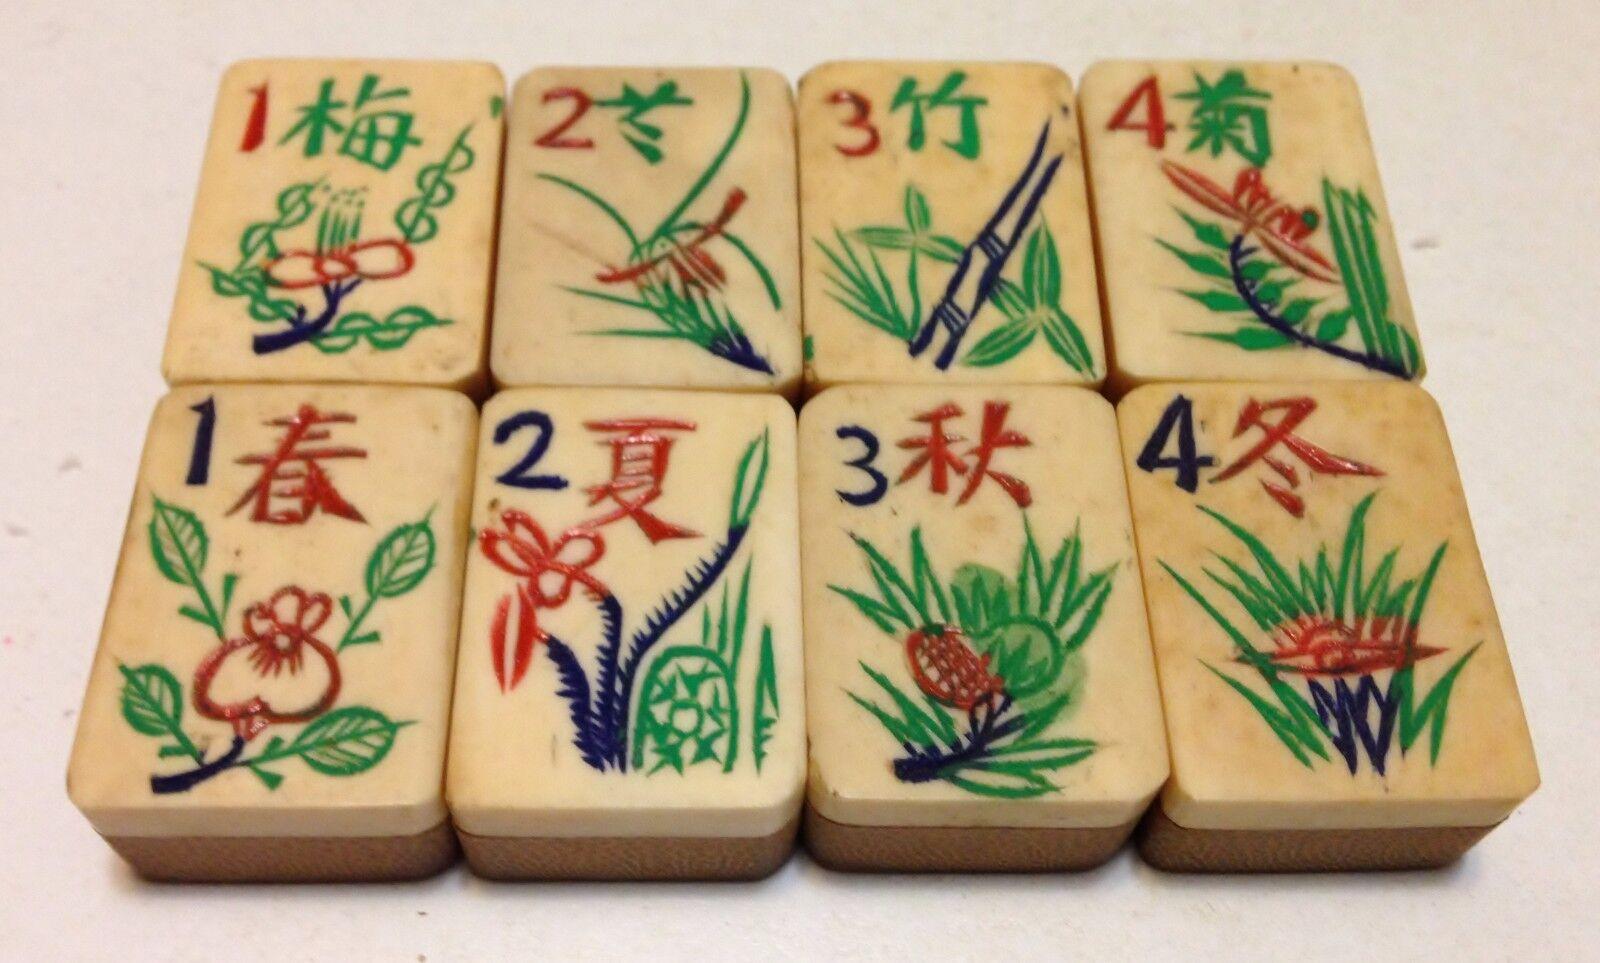 One set of 8 Tiles -Bone Bamboo - MahJong - 1920s  - 8 Tile Set3